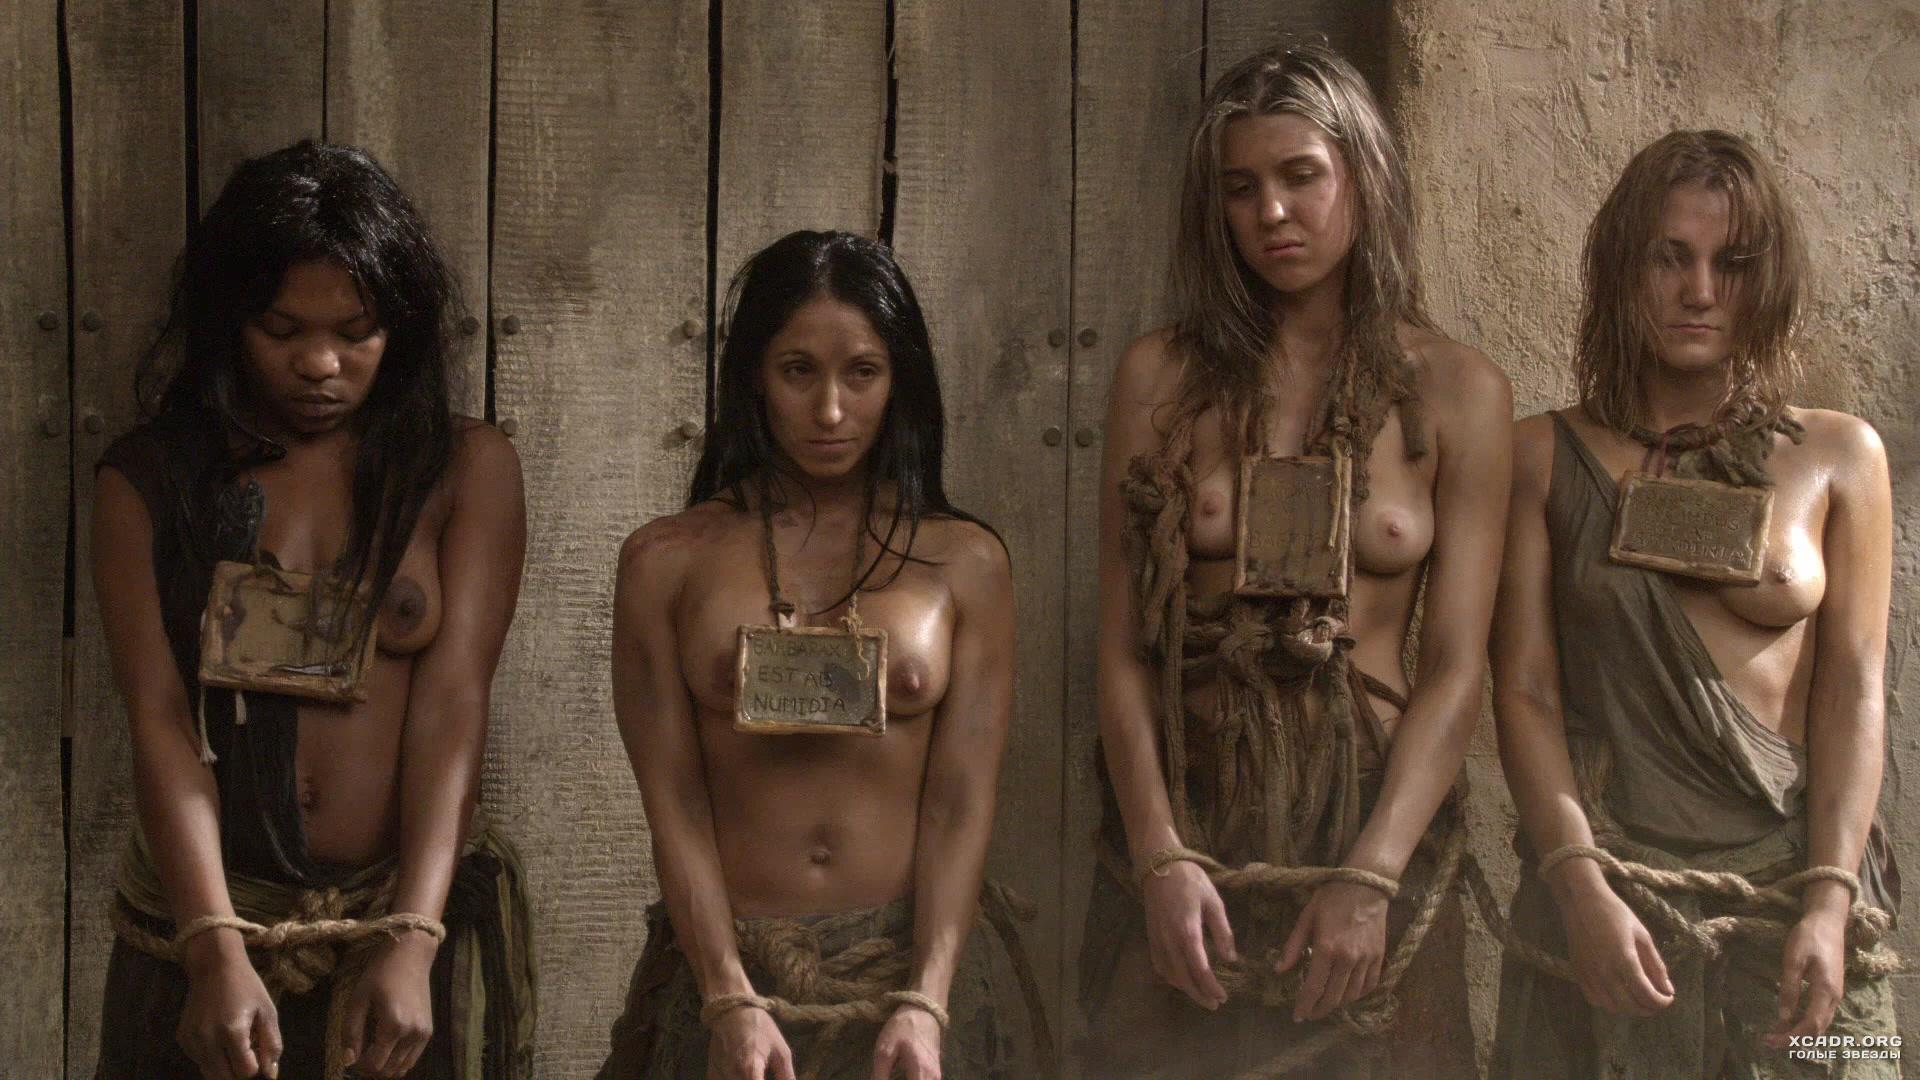 Girl nude in movie